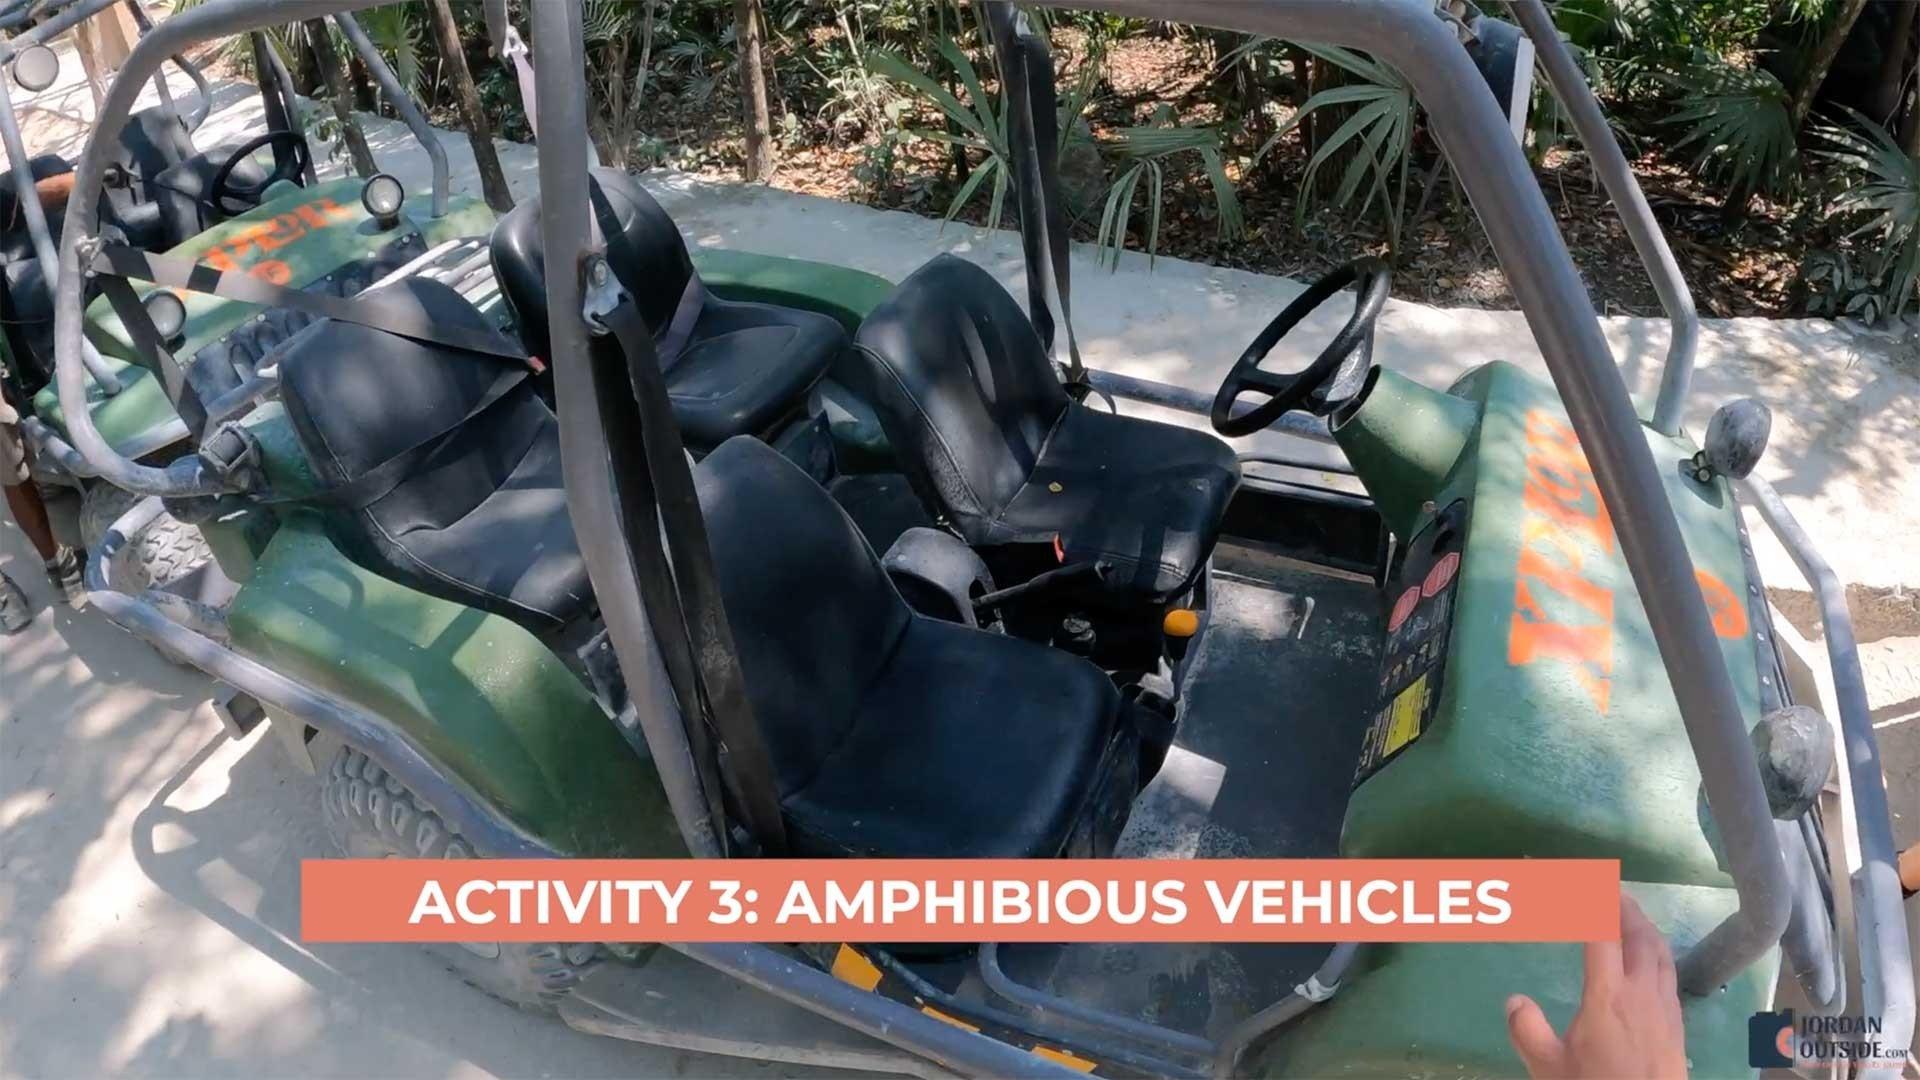 Xplor Amphibious Vehicles